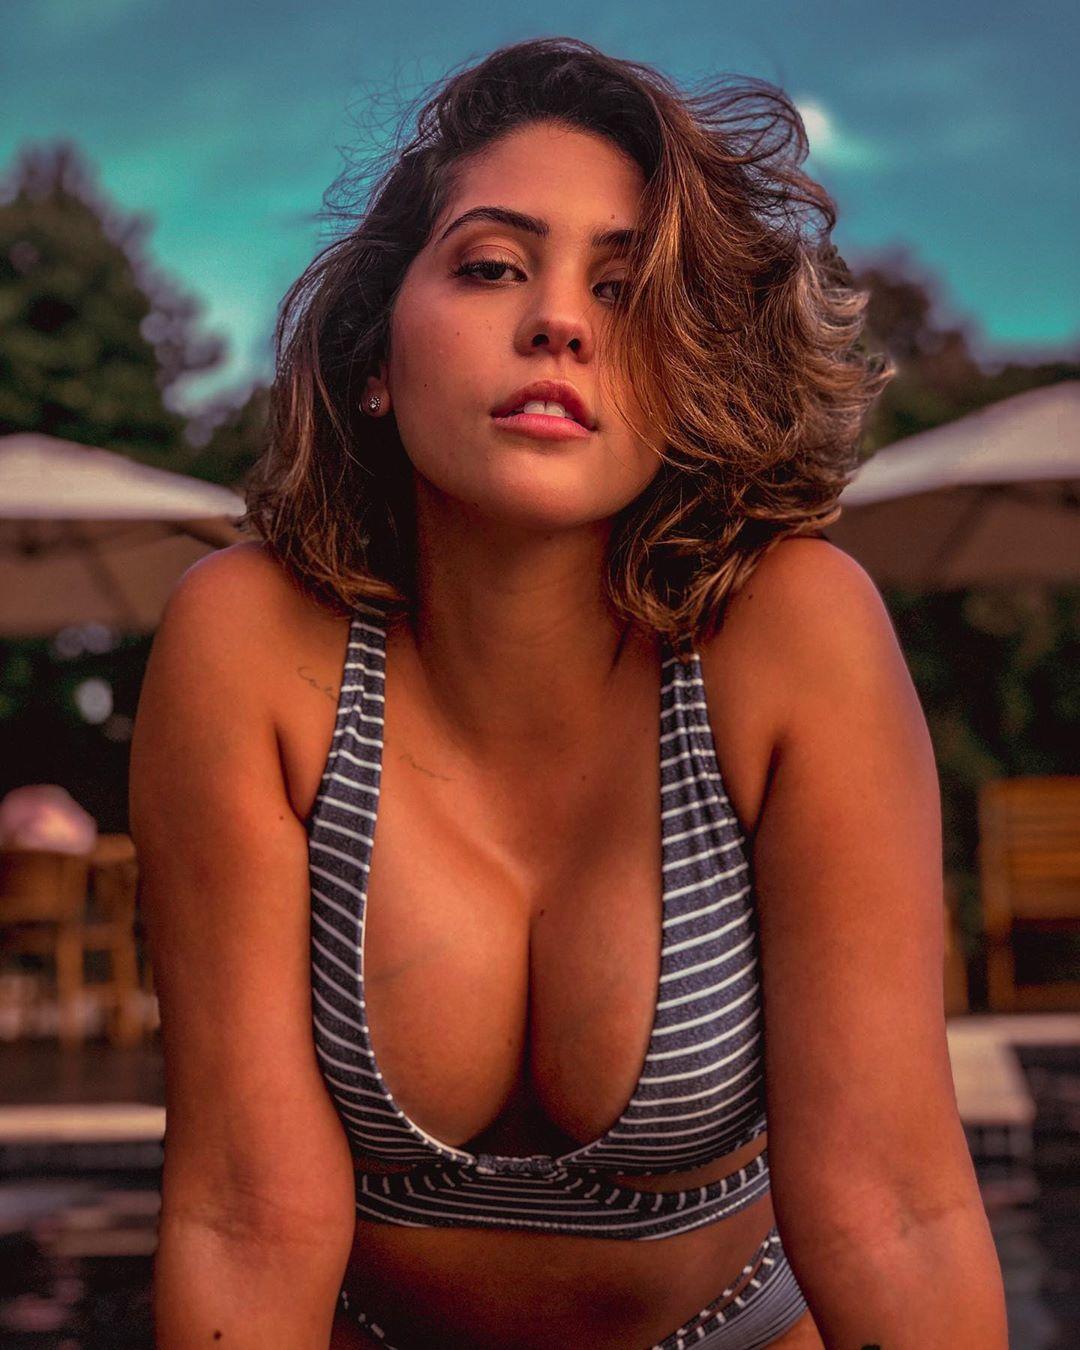 Dora Figueiredo, a influencer que gasta quase 200 euros em lingerie para usar num encontro que corre mal